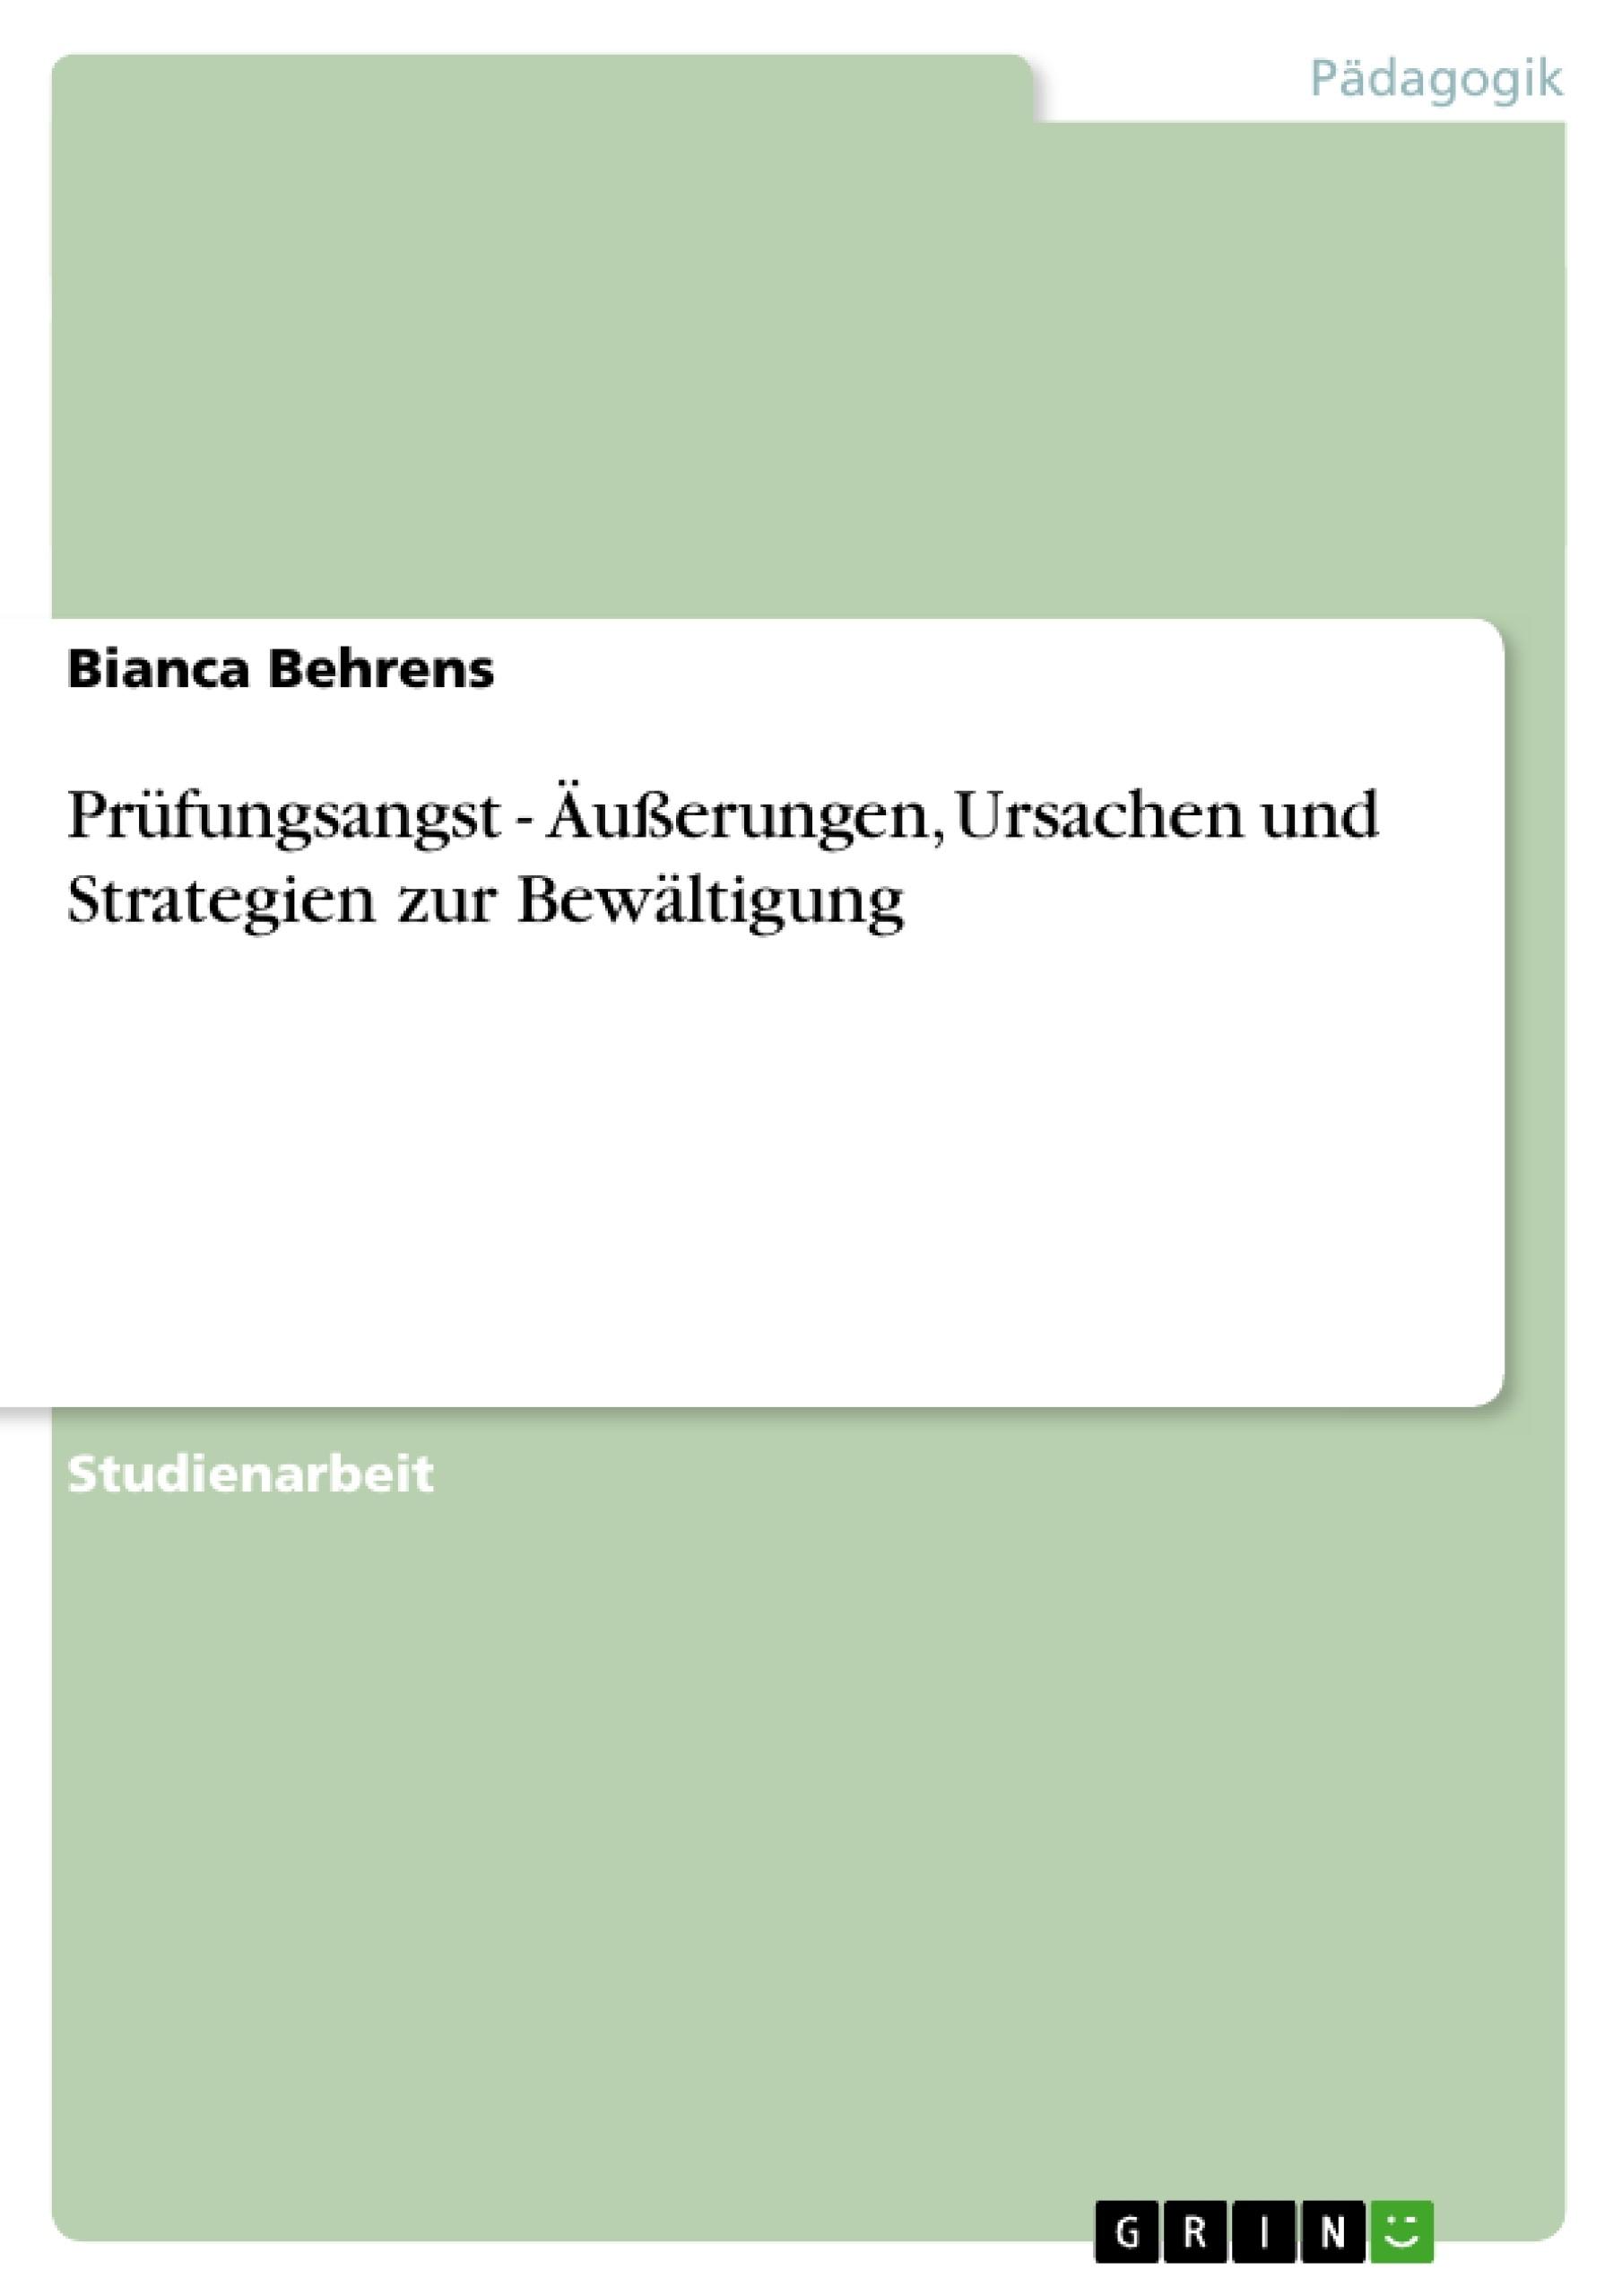 Titel: Prüfungsangst - Äußerungen, Ursachen und Strategien zur Bewältigung